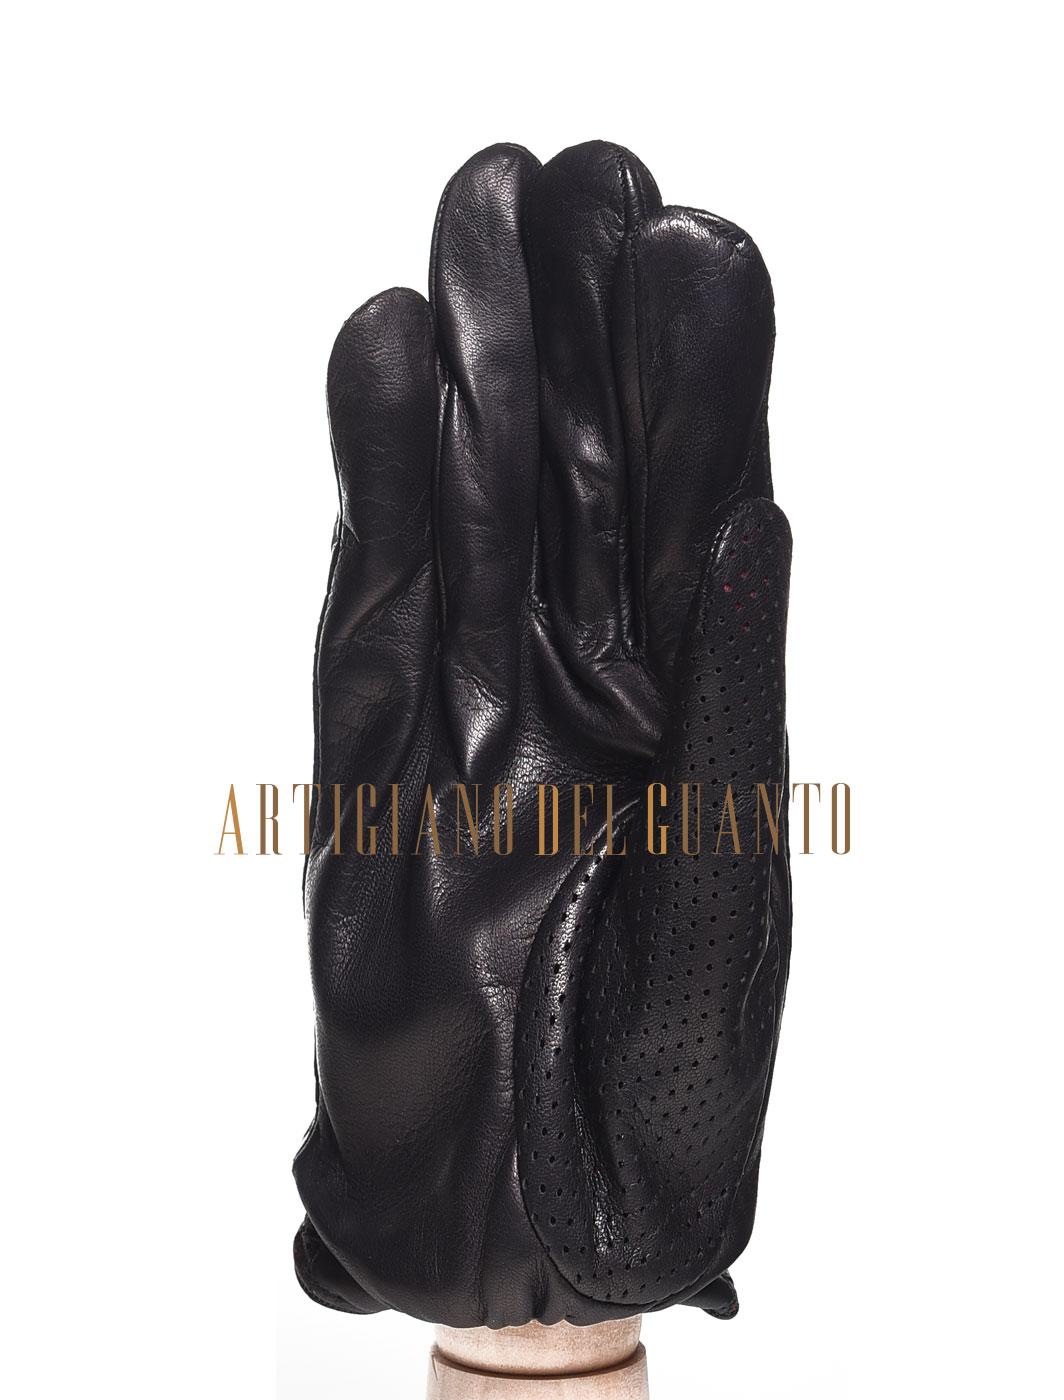 Guanto artigianale microforato in pelle di Agnello modello uomo